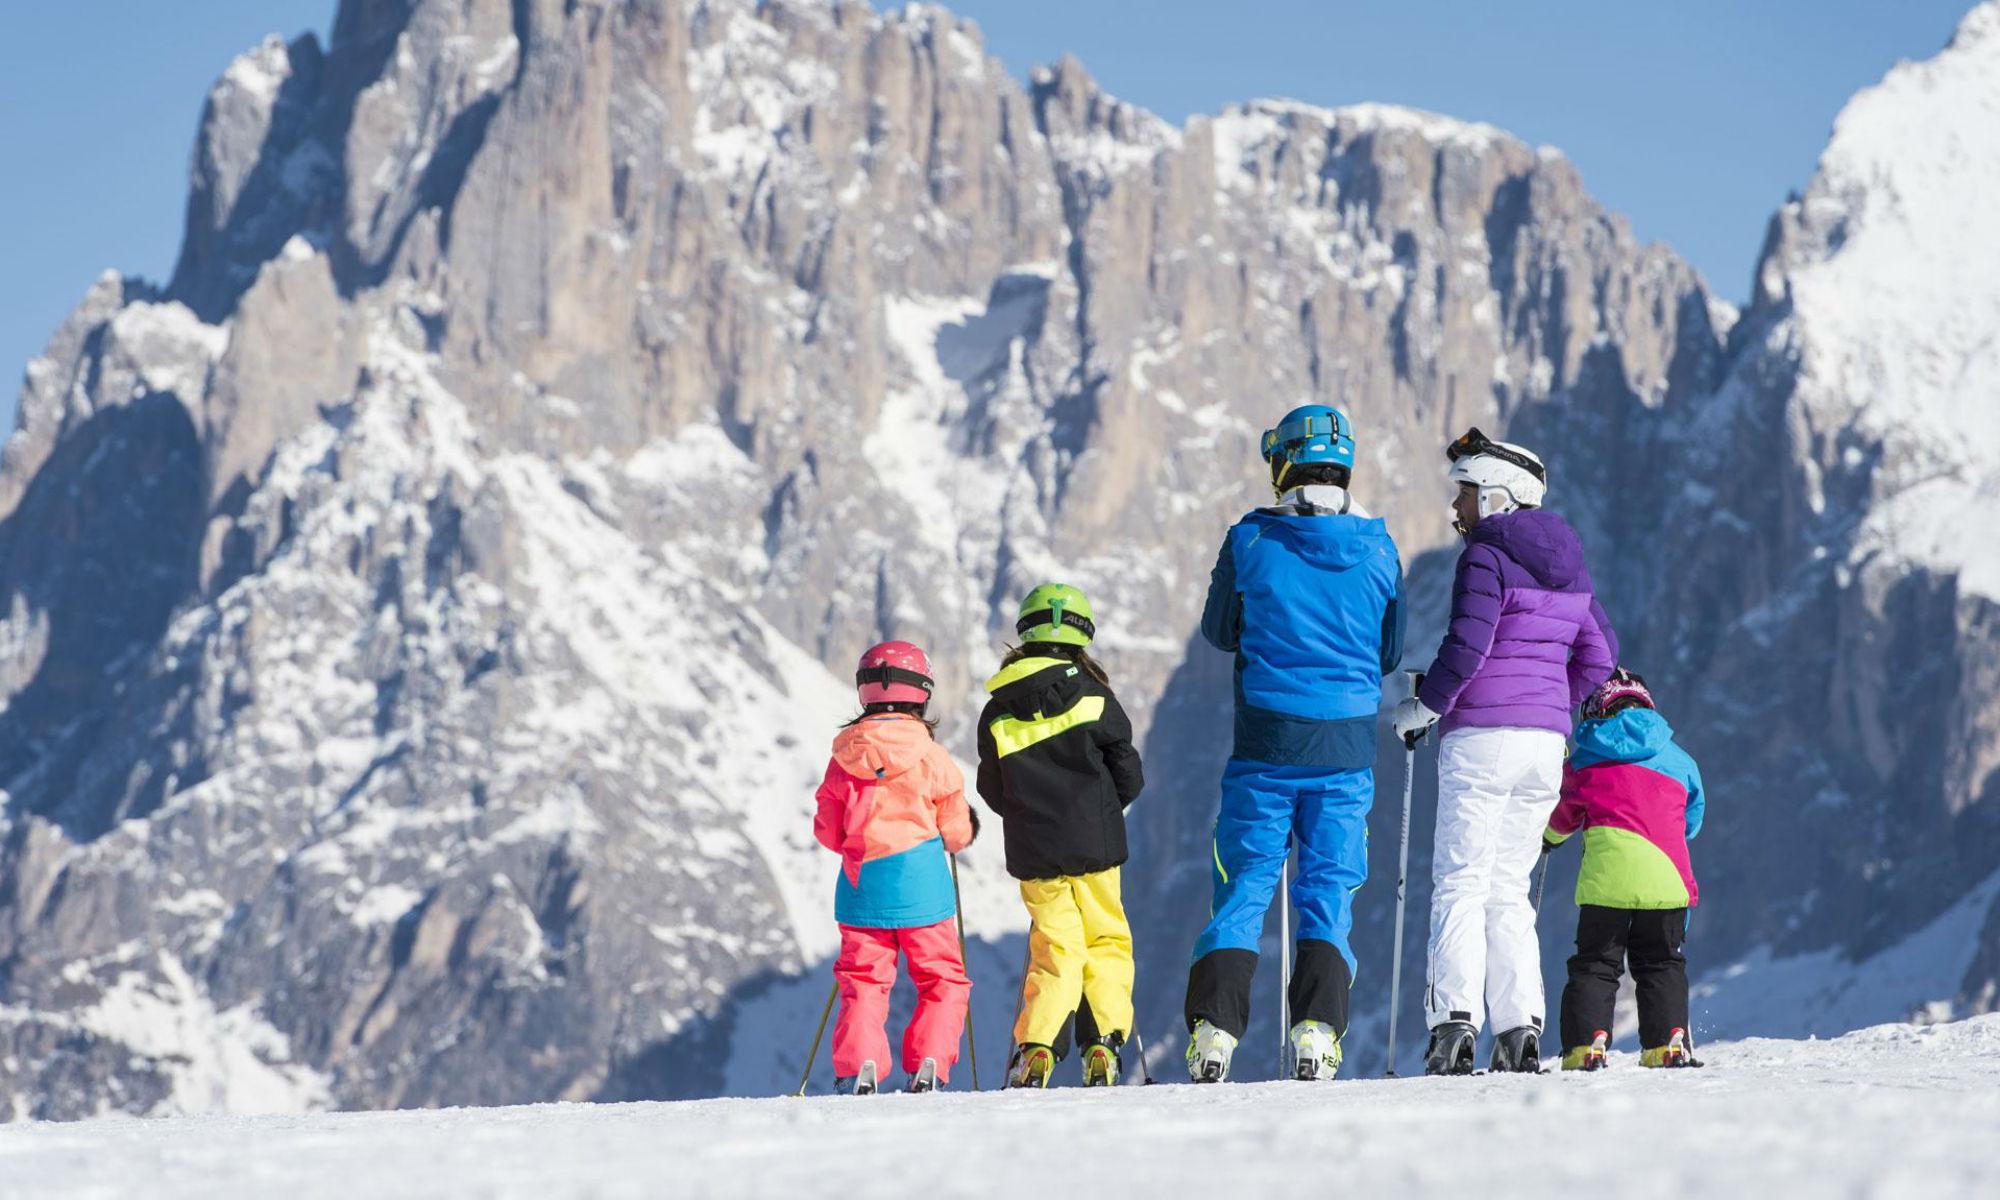 Erwachsene und Kinder genießen das Bergpanorama auf den Skipisten in Gröden.